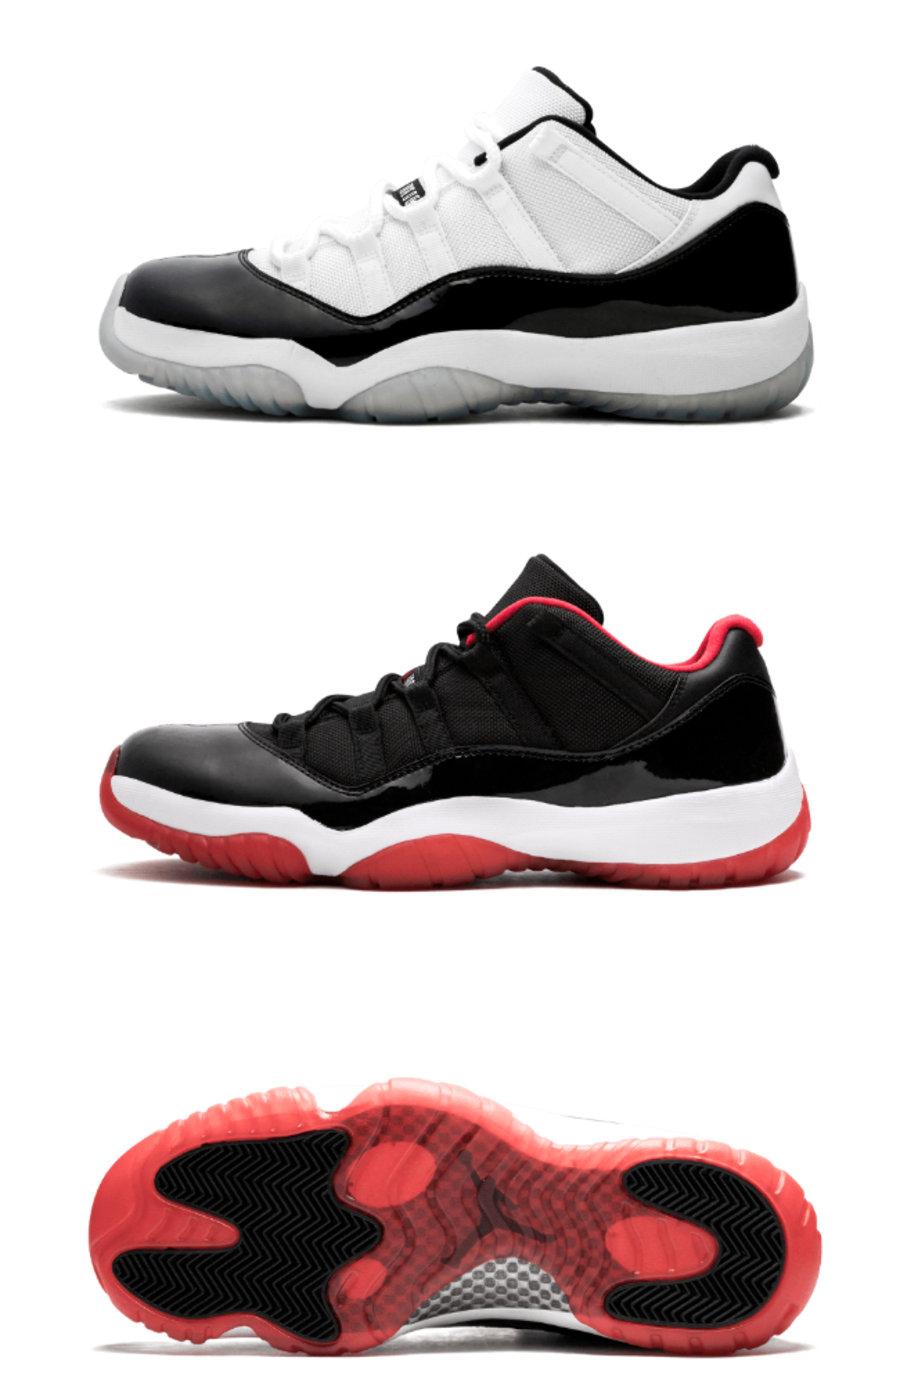 Air Jordan 11 Low,AJ11,AV2187- 康扣 + 黑红!没想到 AJ11 的「王炸配色」提前来了!